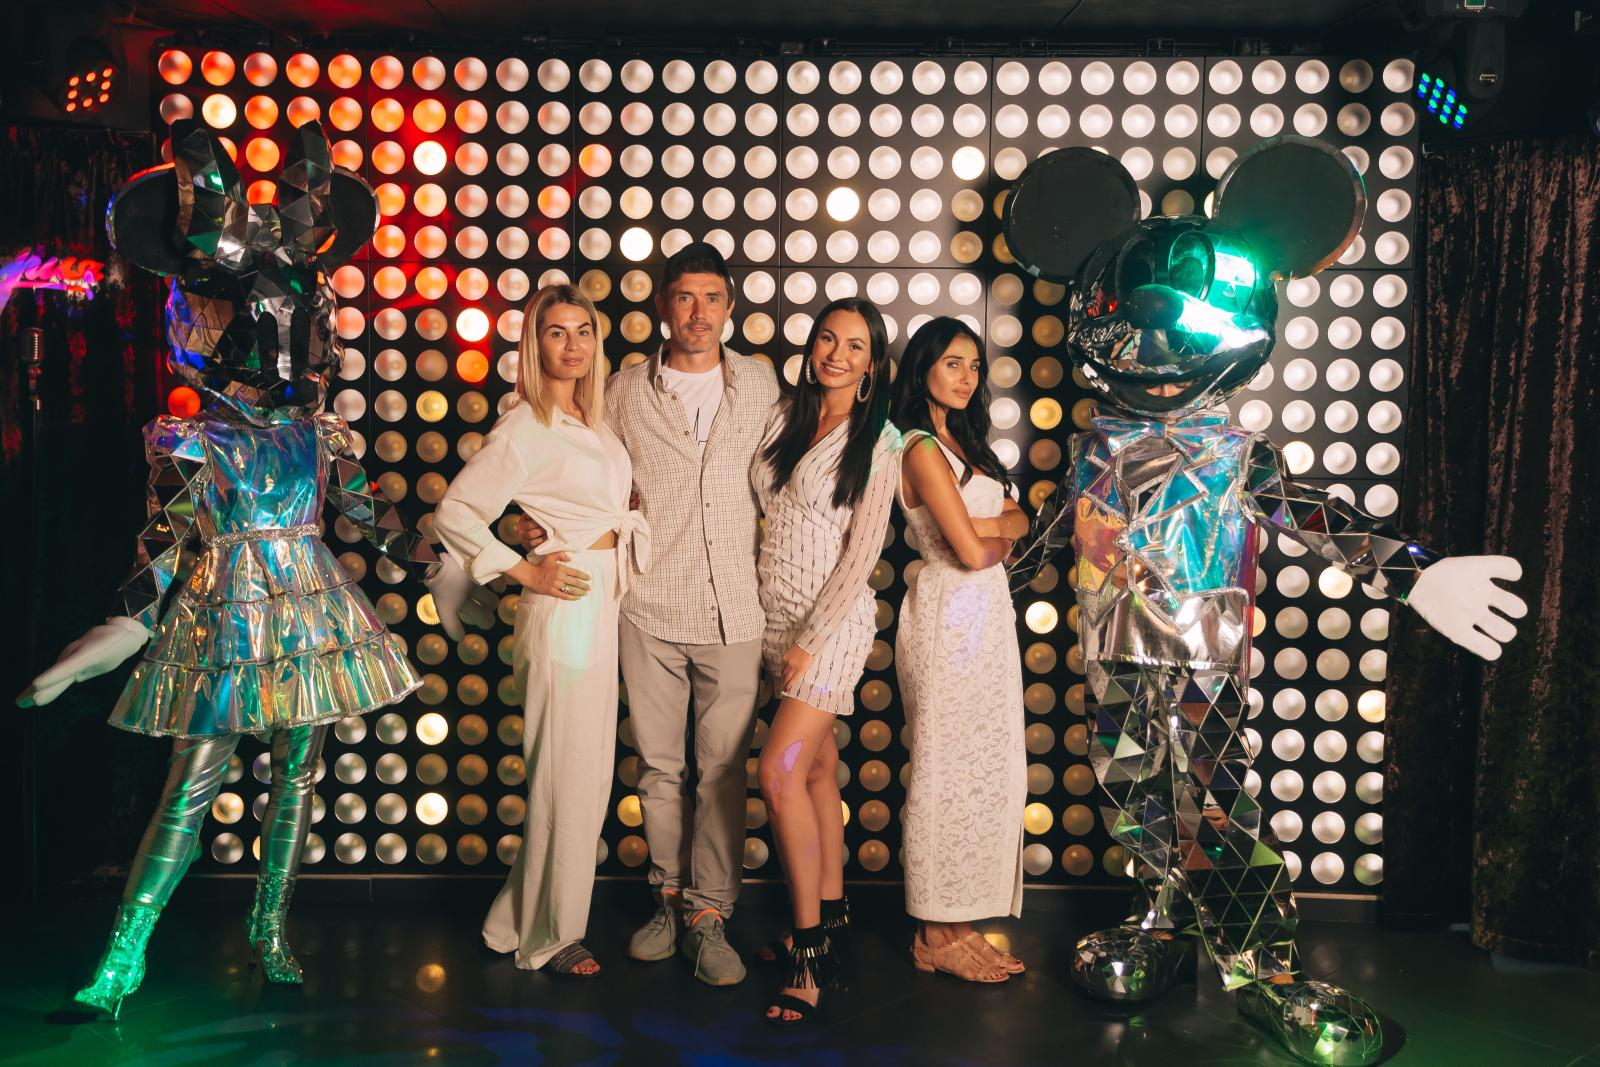 Дочь Инны и Юрия Жирковых устроила вечеринку в стиле TikTok